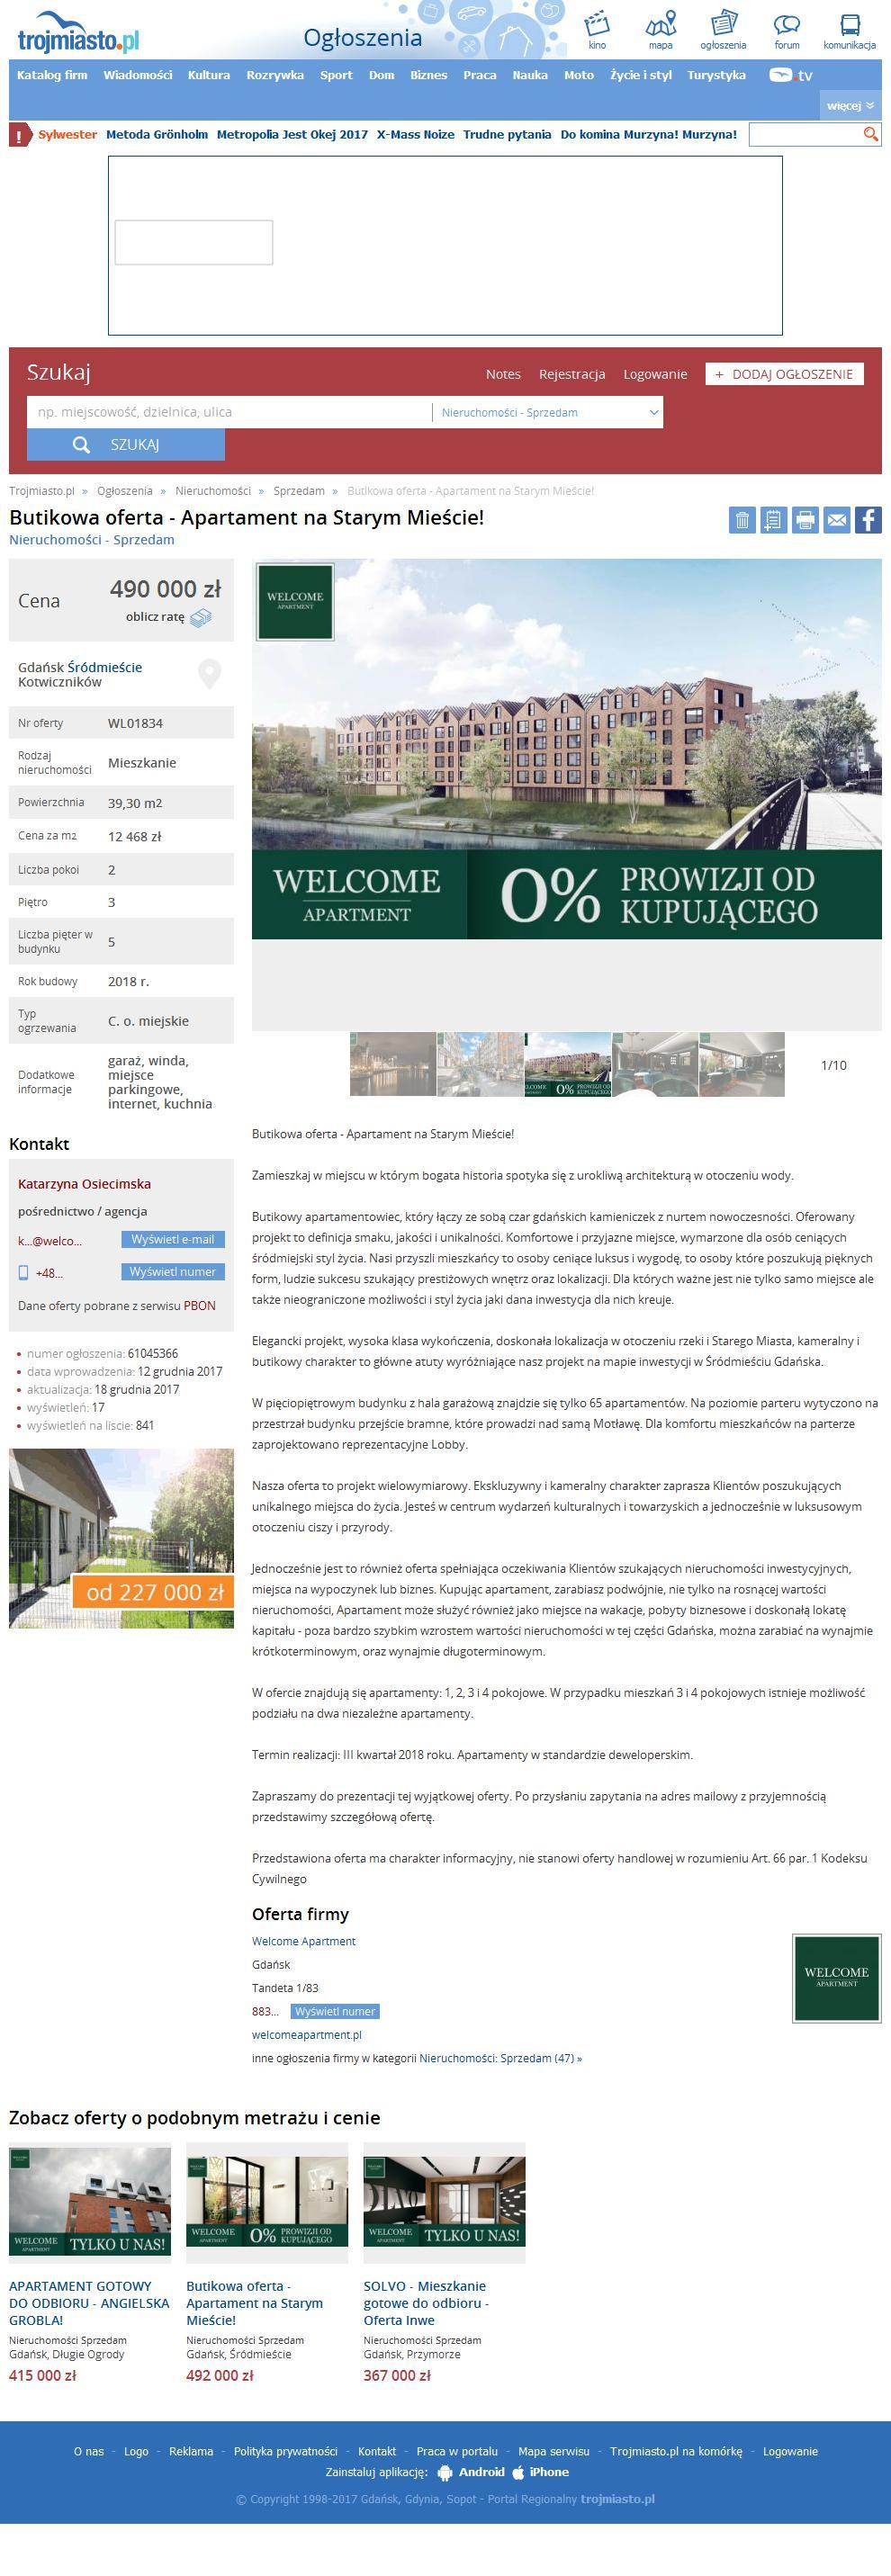 52bffd8622c2c3 https://ogloszenia.trojmiasto.pl/nieruchomosci-sprzedam/butikowa-oferta-apartament-na-starym-miescie-ogl61045366.html?is_mobile=0